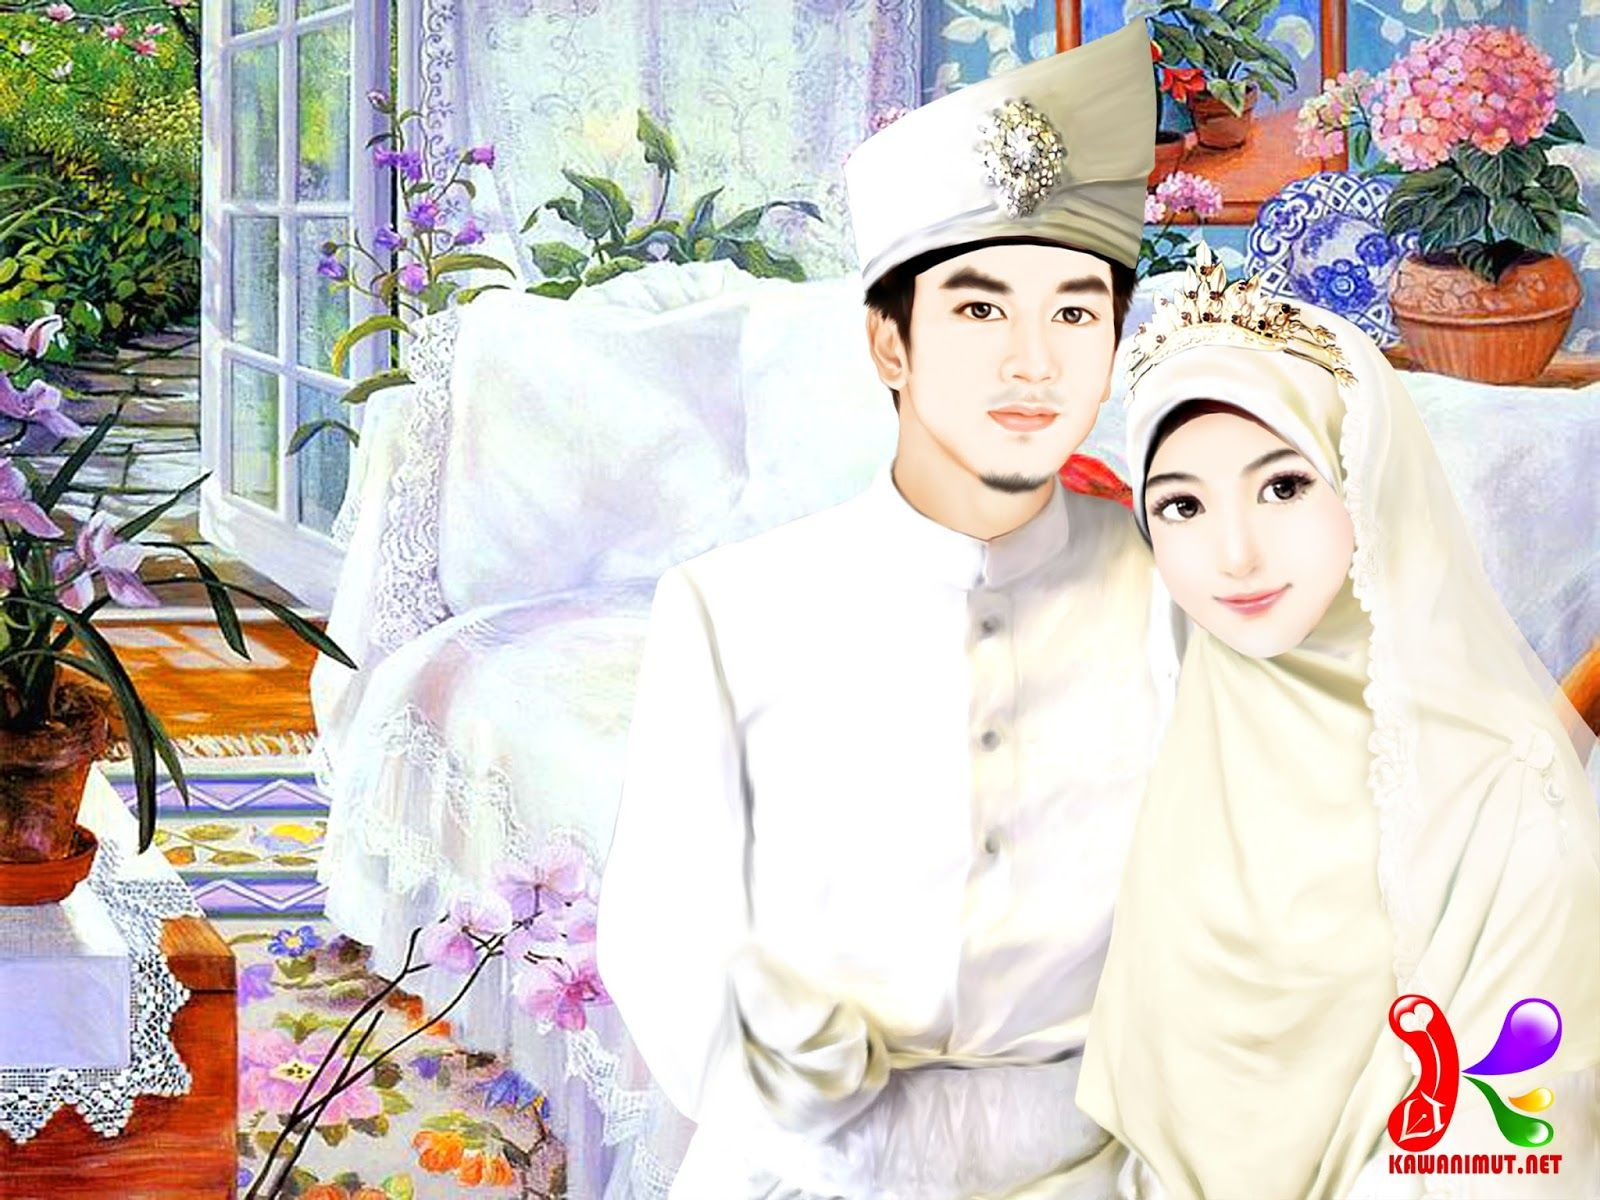 Gambar Kartun Muslimah Menikah Kartun, Gambar, Pernikahan